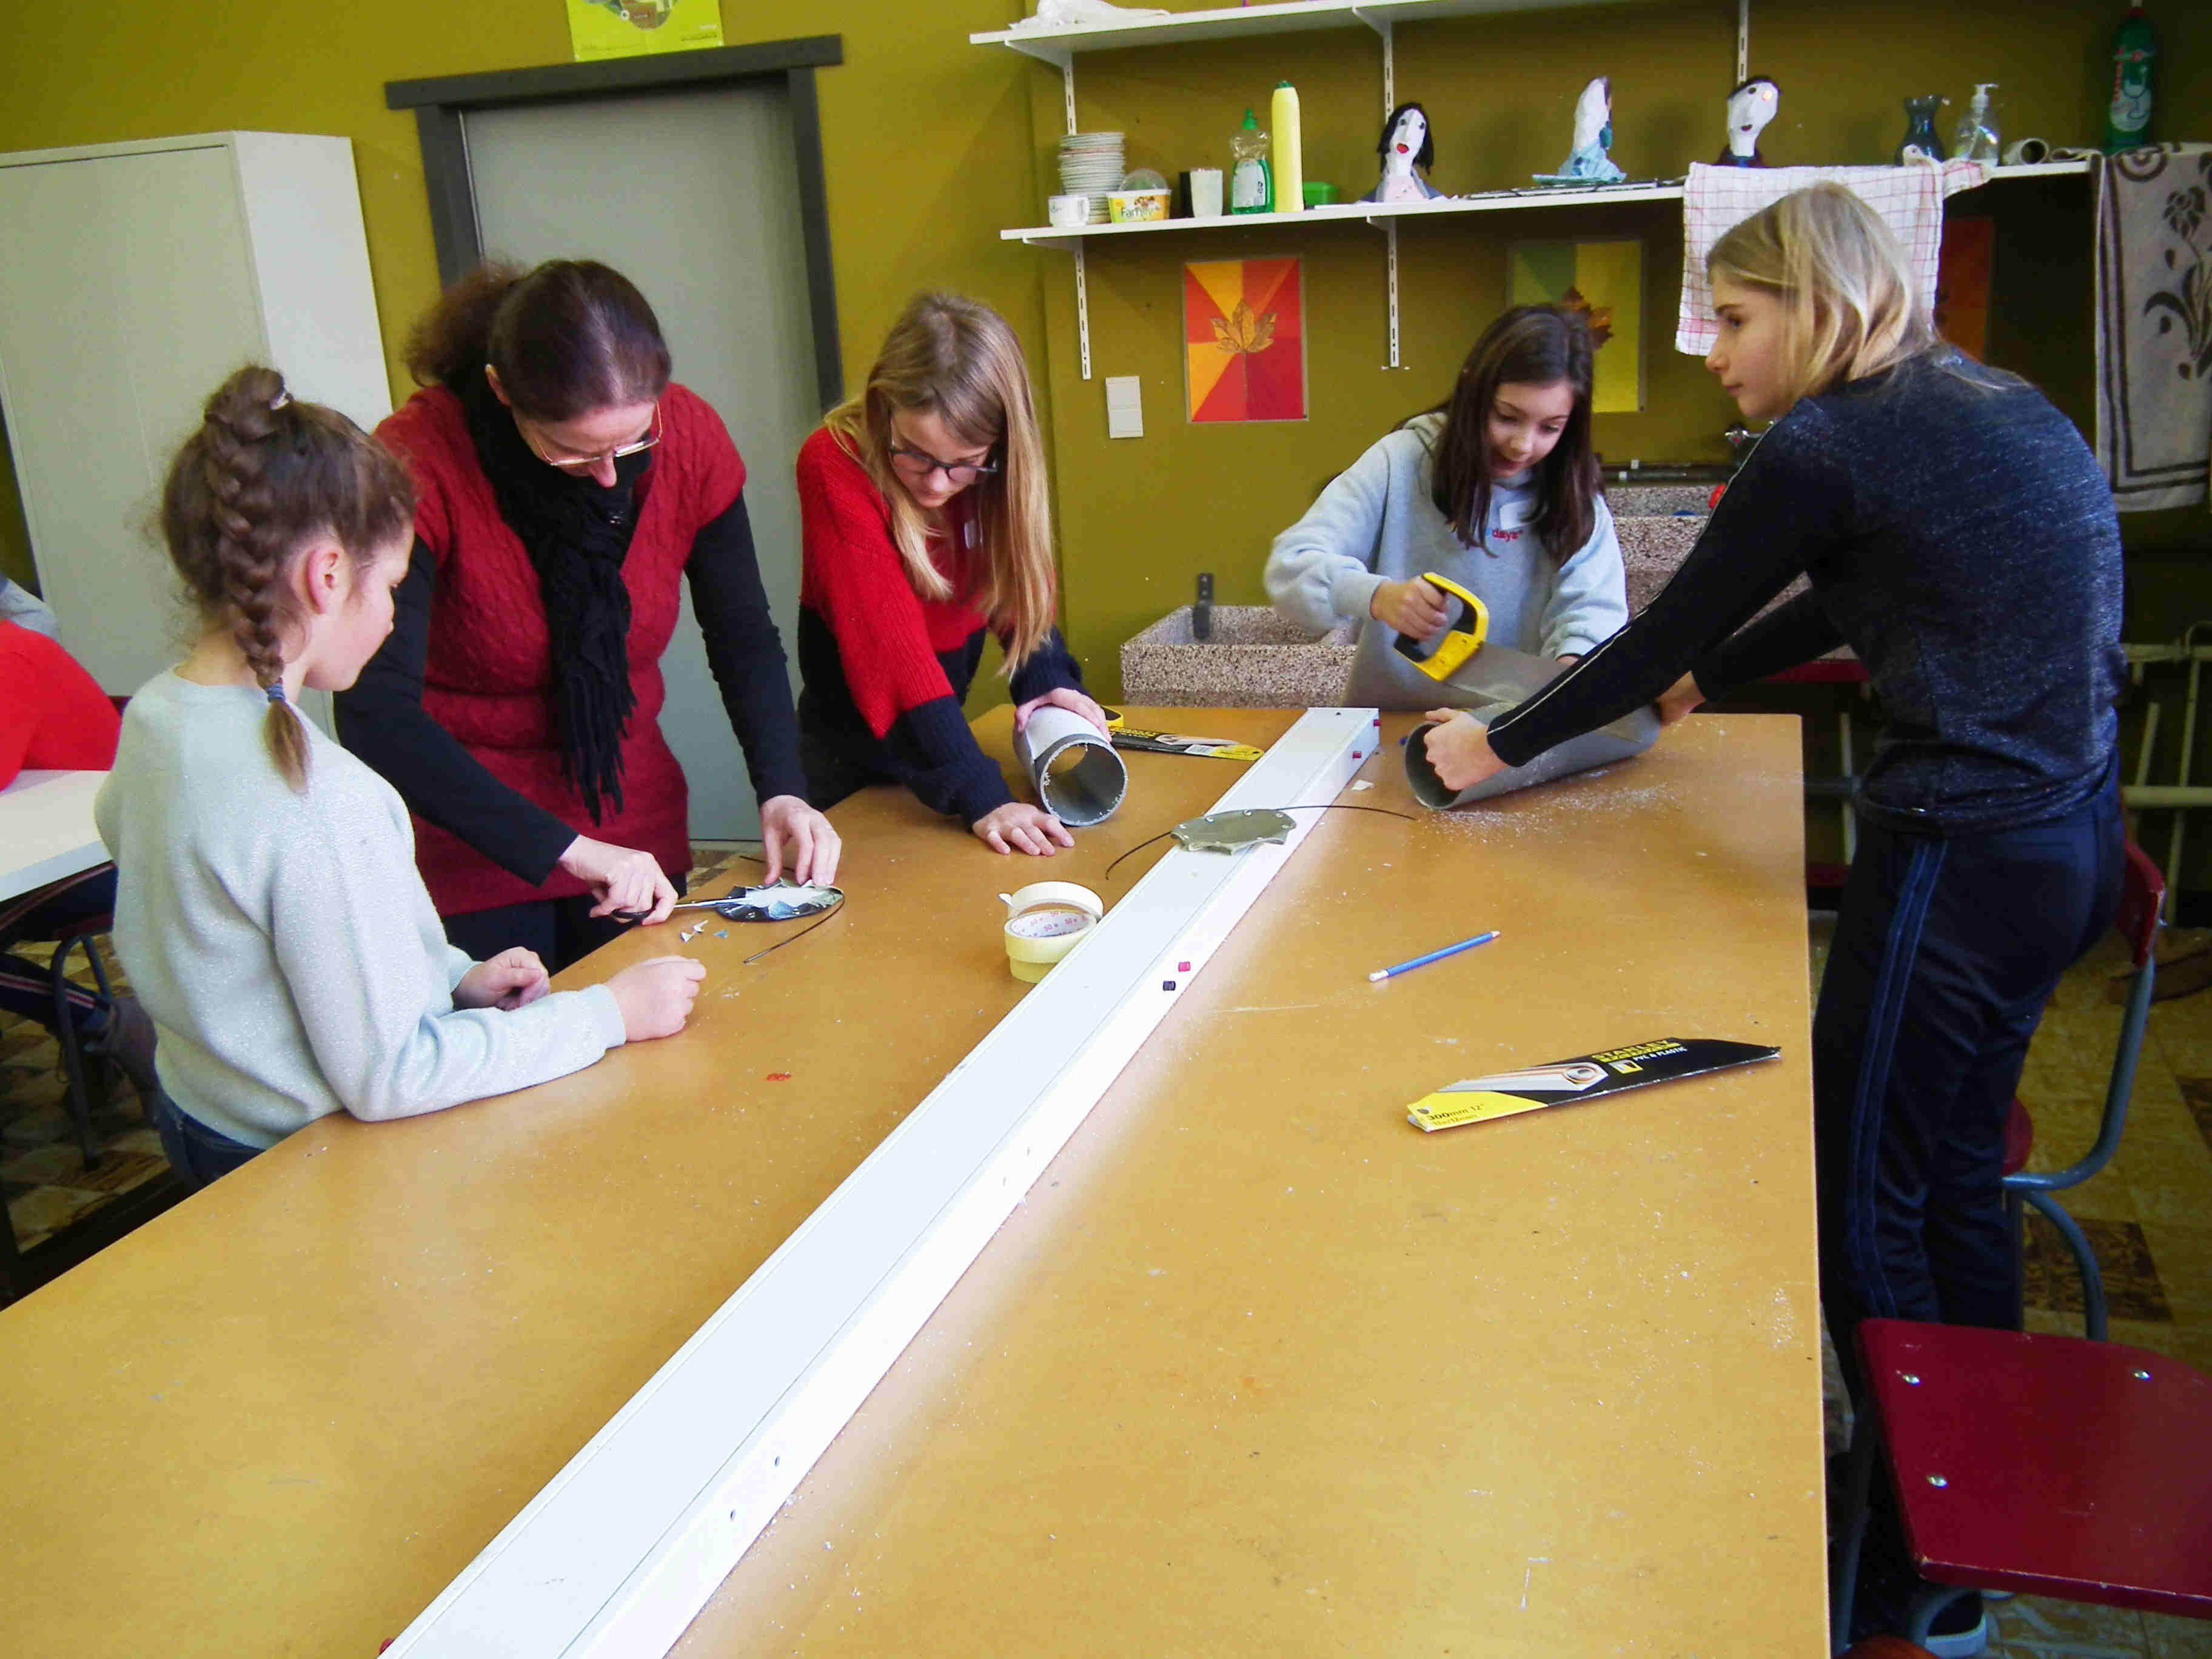 Nog een laatste helpende hand van de begeleidende leraar. Zeildoek en PVC-buis zijn klaar voor montage!